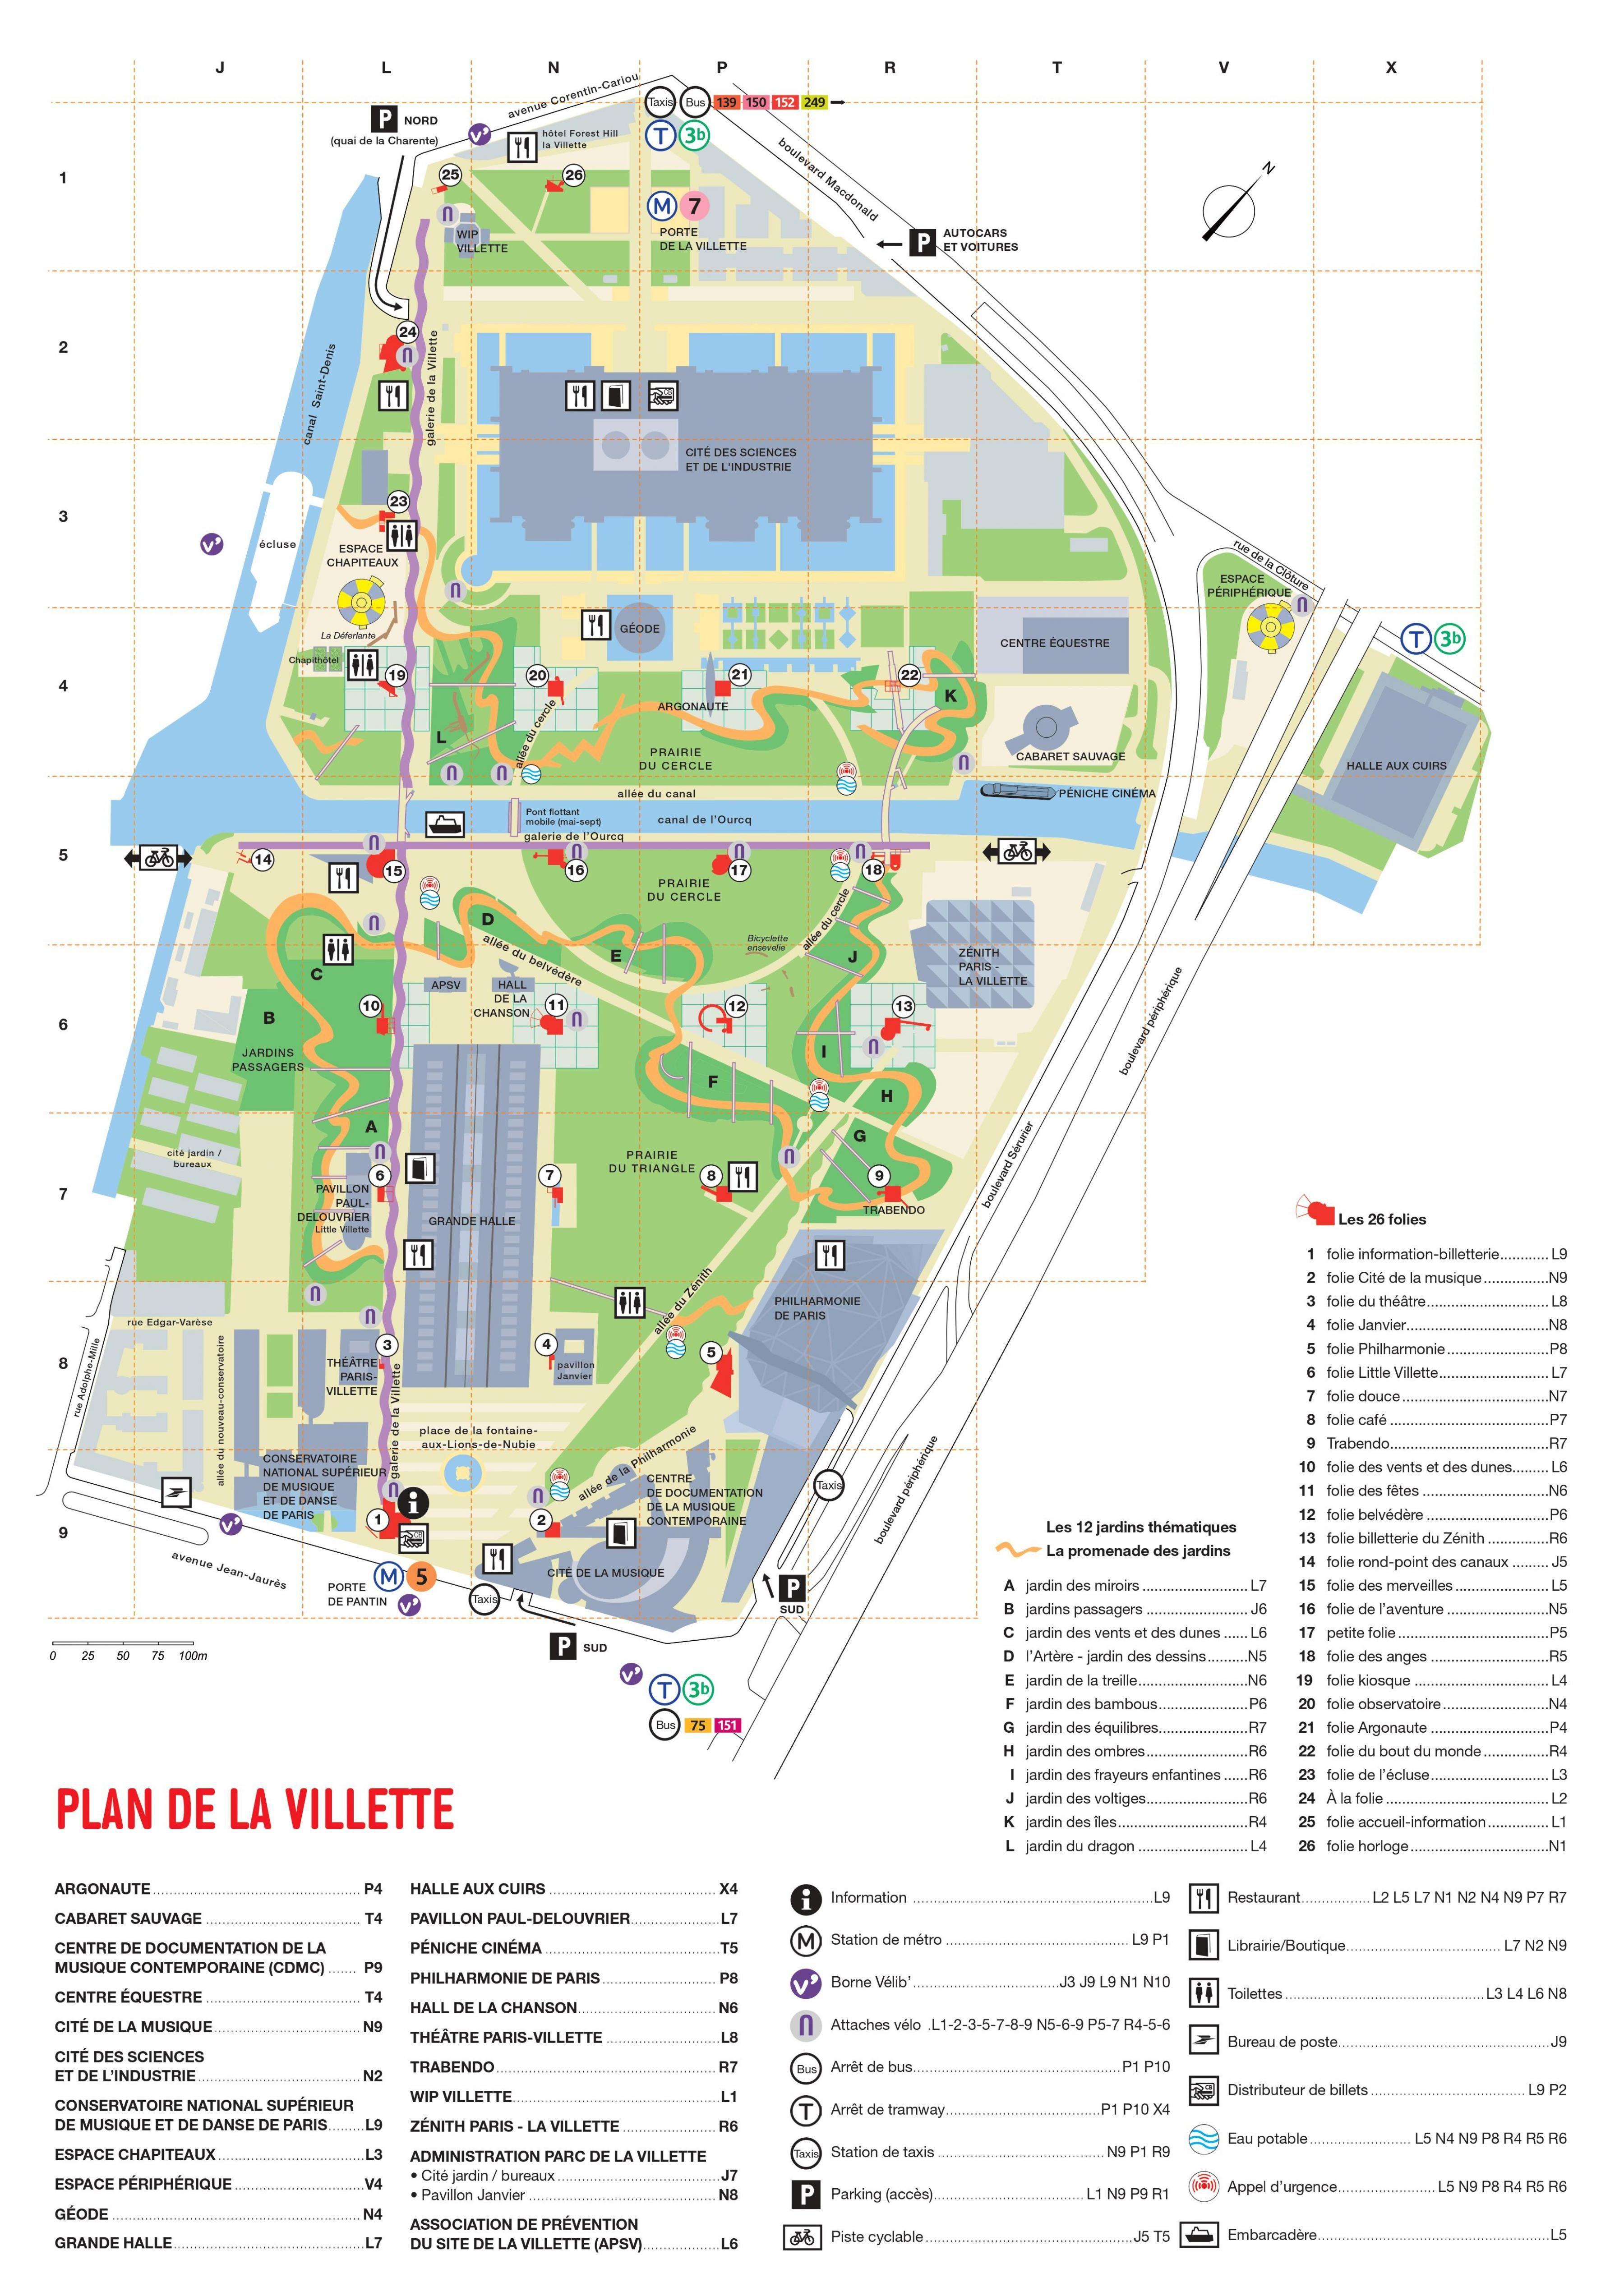 Map of The Parc de la Villette httpmapofpariscomparks